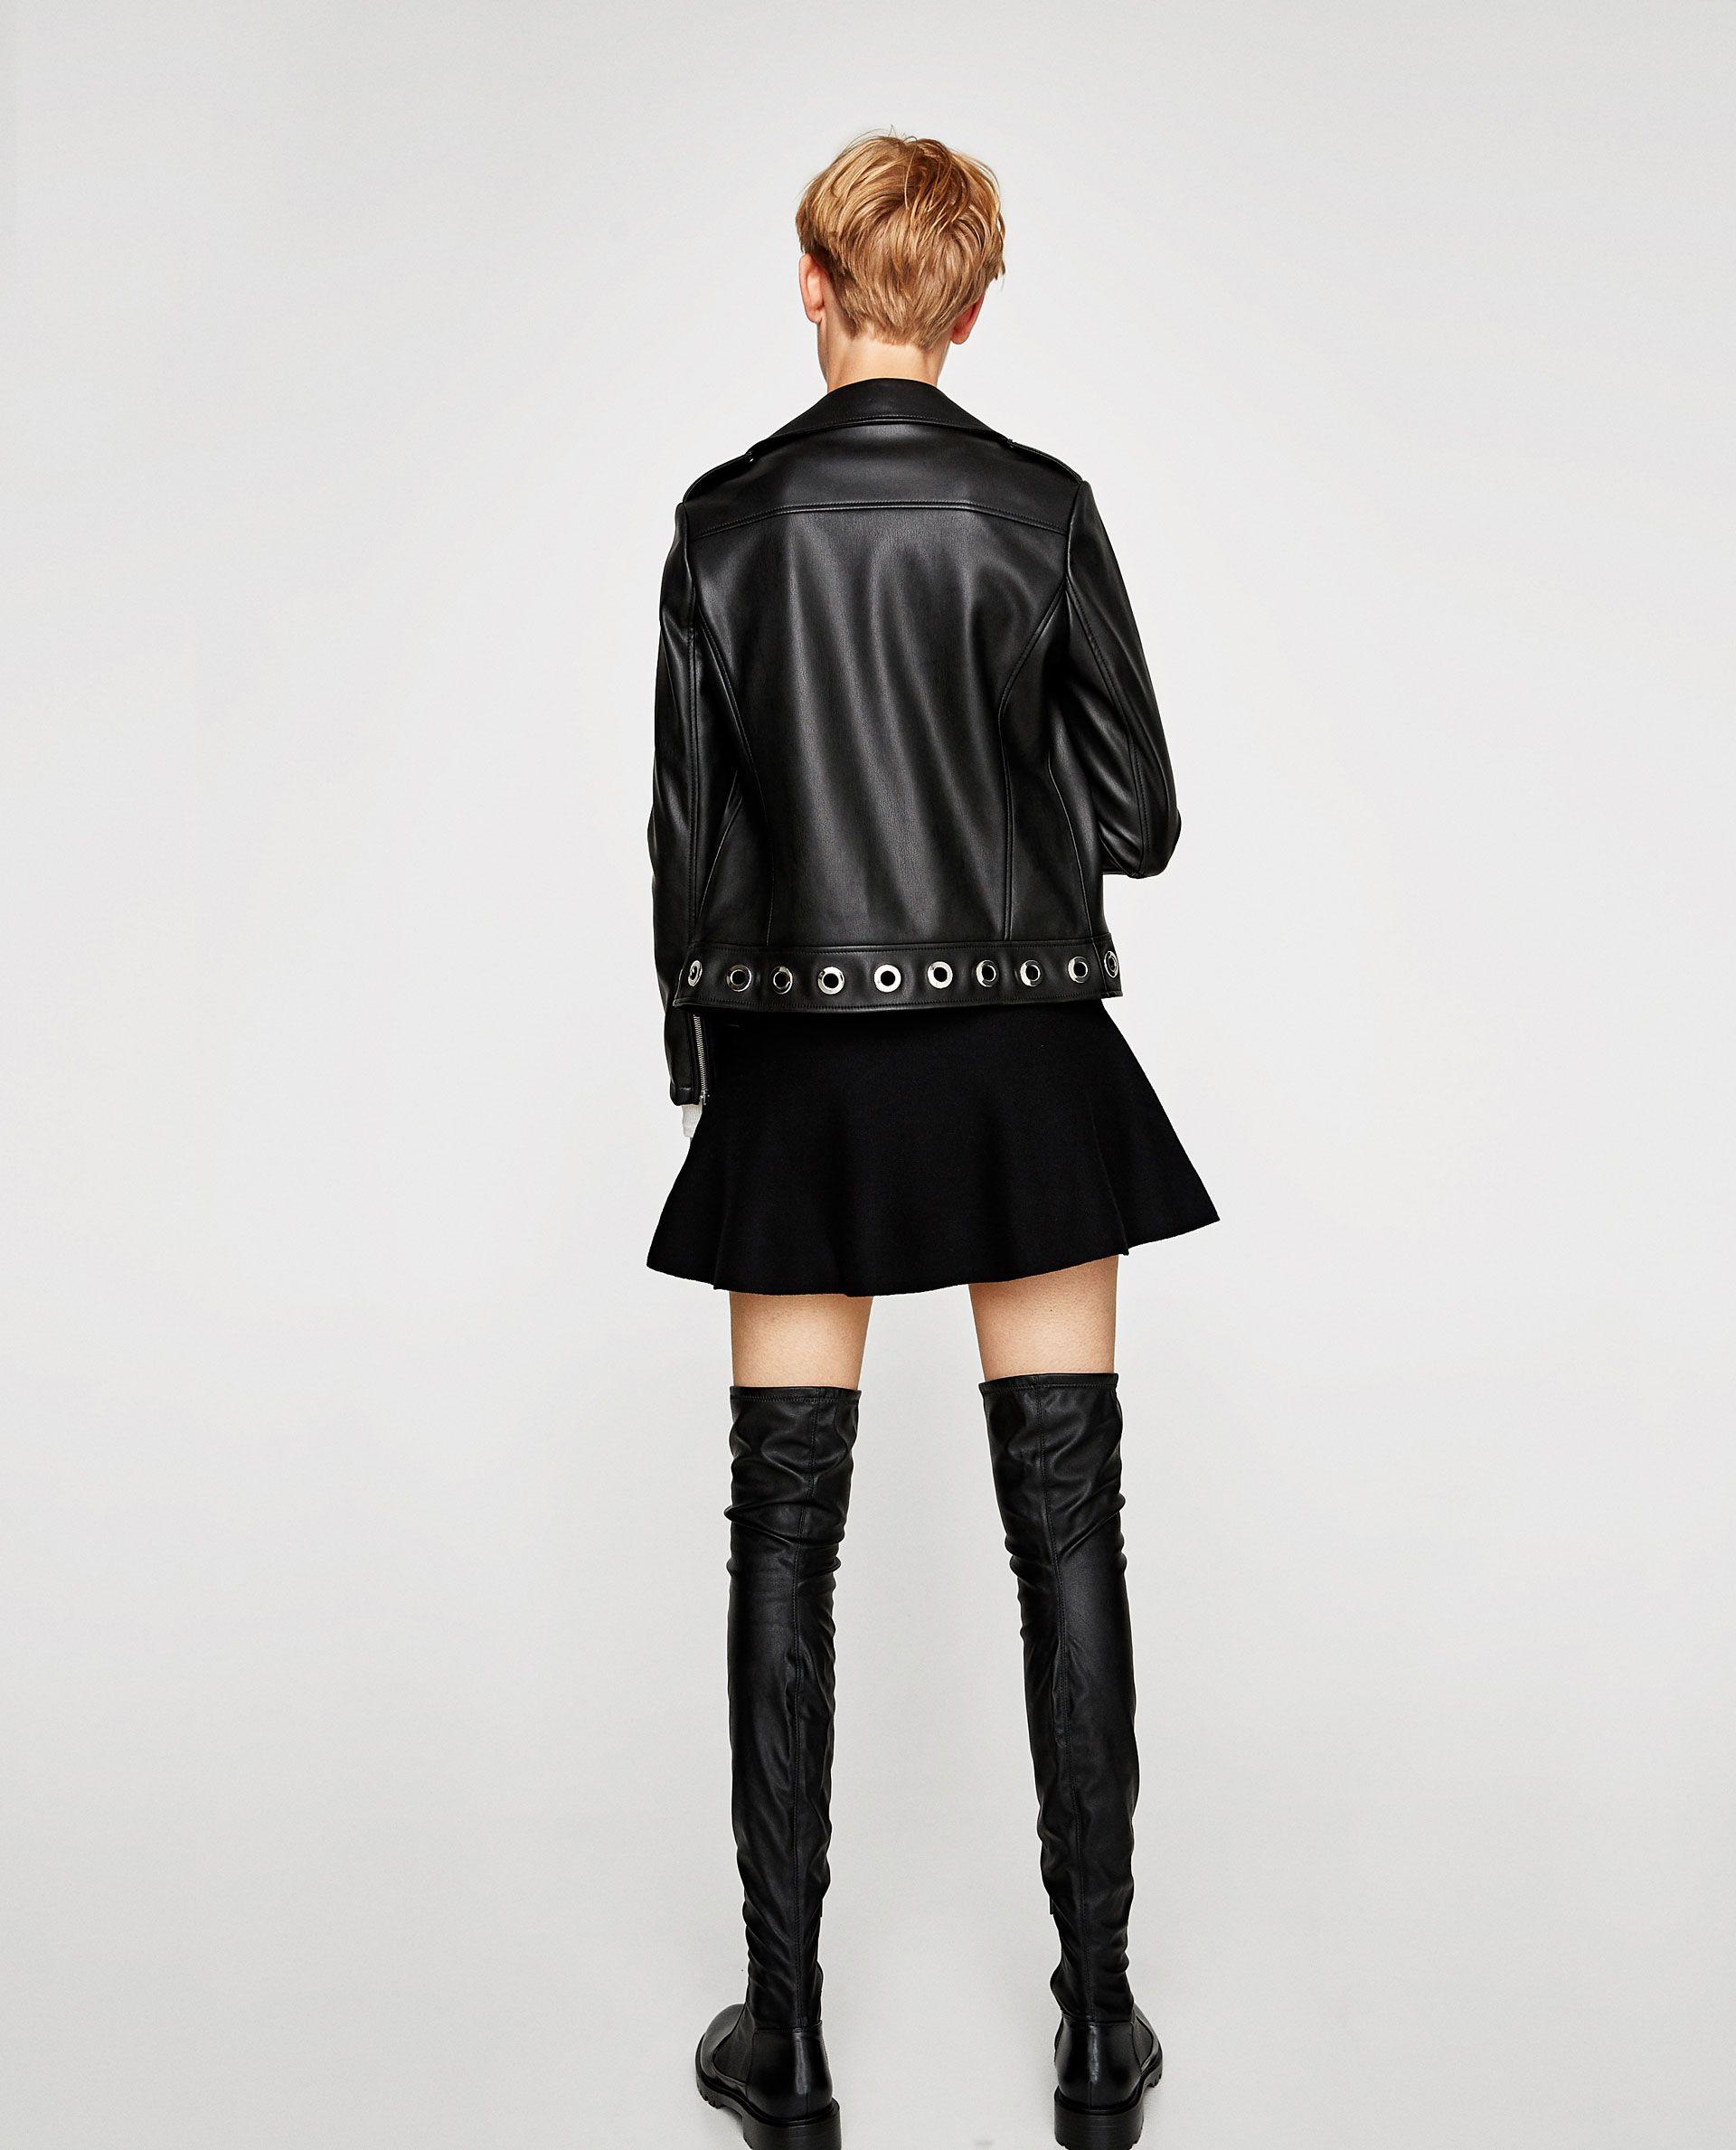 ΜΠΟΥΦΑΝ ΜΕ ΥΦΗ ΔΕΡΜΑΤΟΣ ΚΑΙ ΟΠΕΣ Faux leather jackets